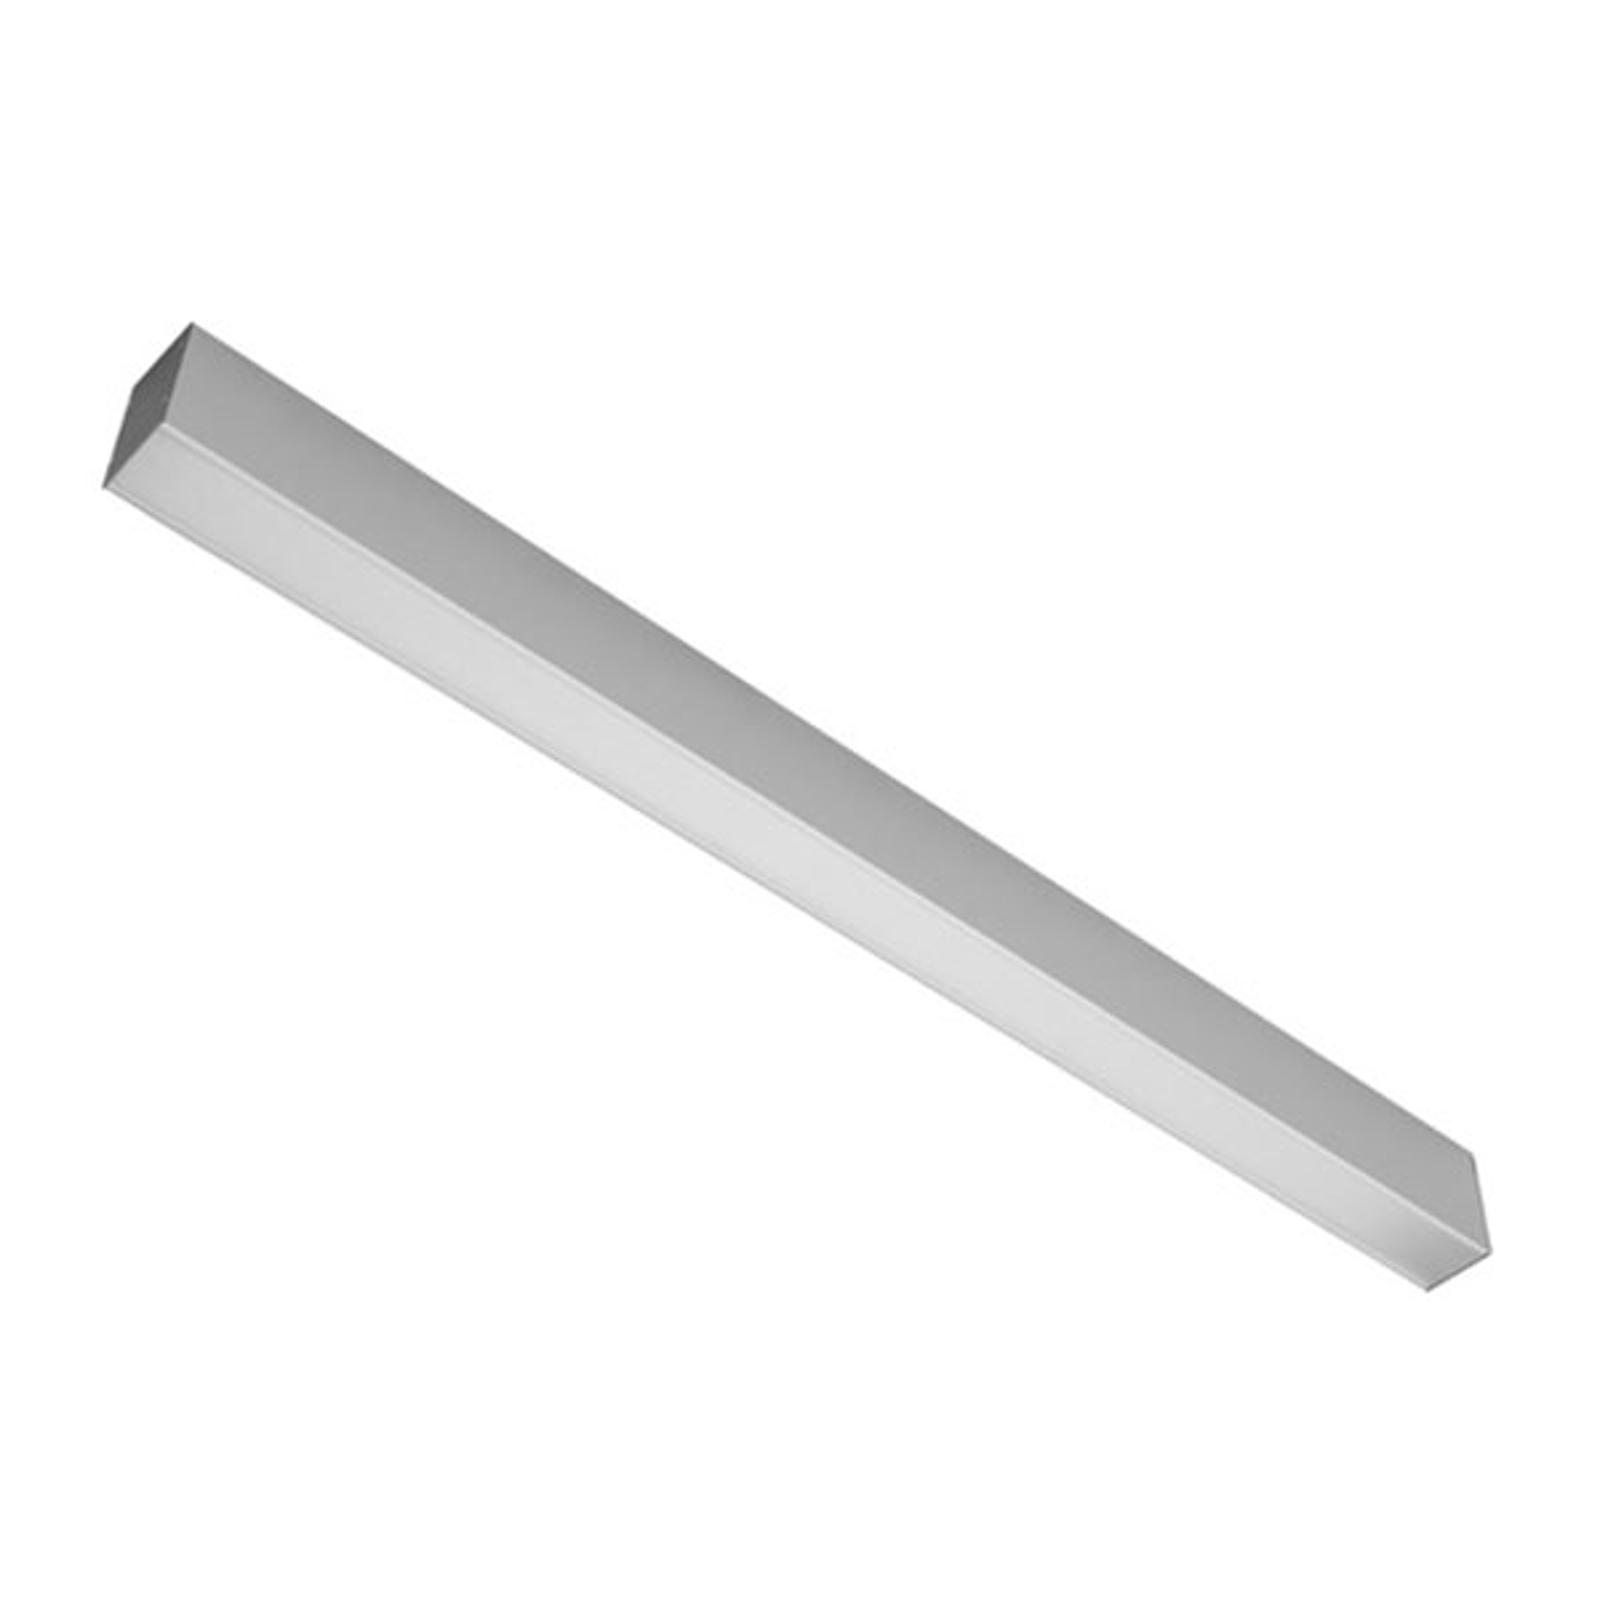 Applique LED aluminium 4000K 54 W